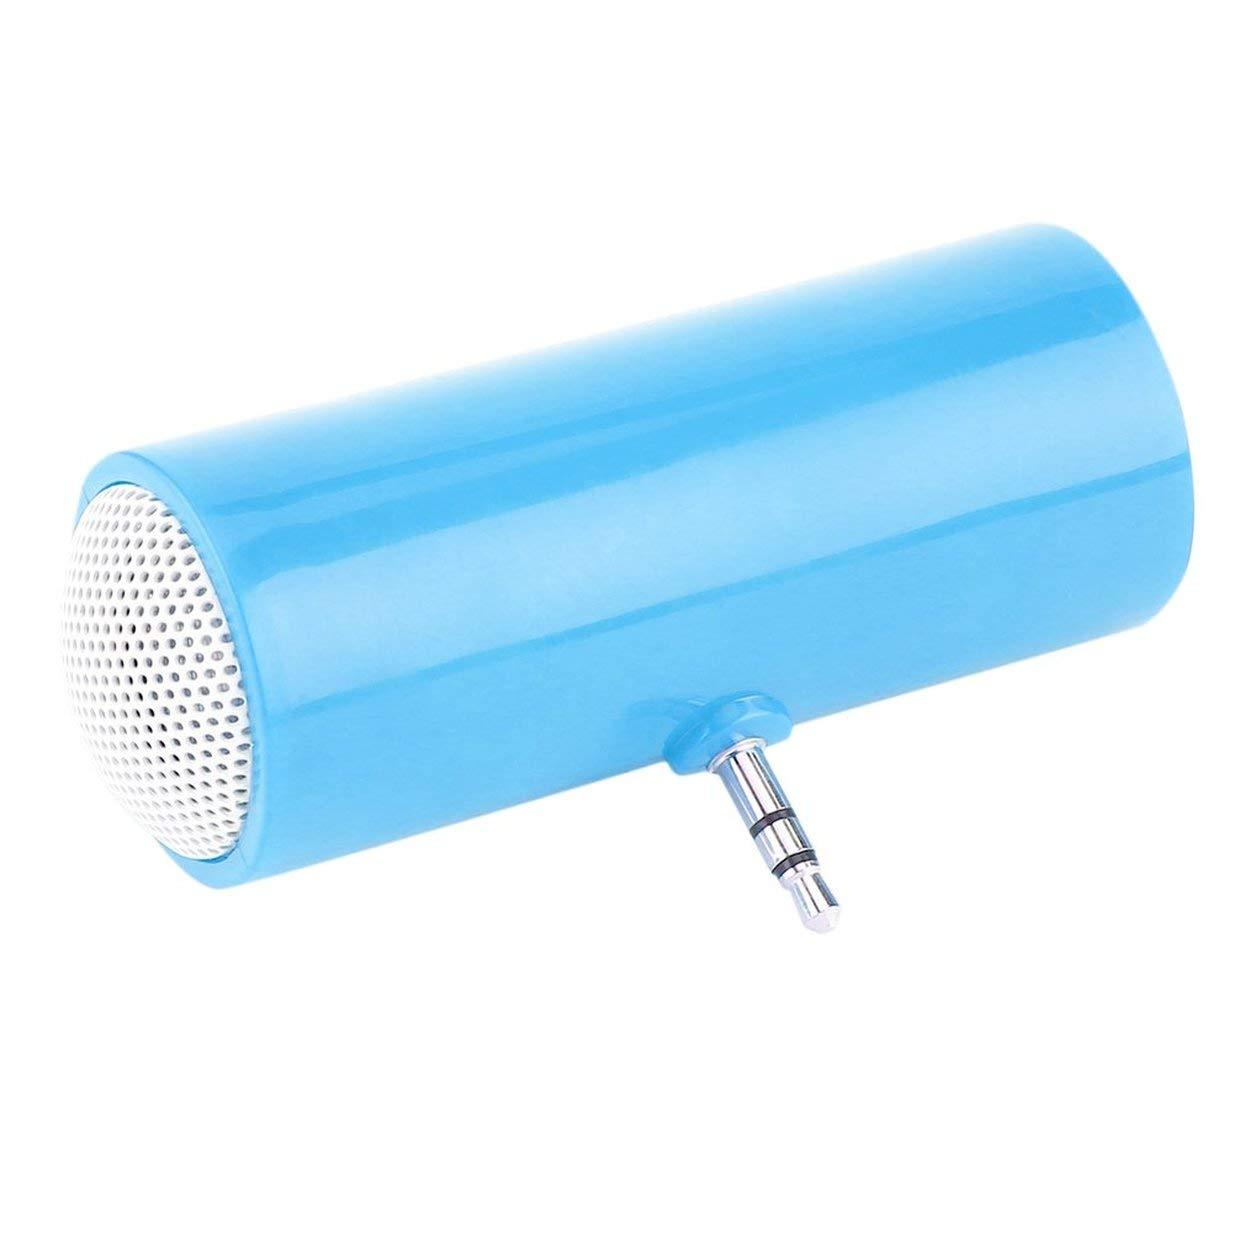 Tellaboull Mini Altoparlante Mono Canale Doppio Portatile con connettore Jack da 3,5 mm Mini Altoparlanti per Computer Tablet per telefoni cellulari